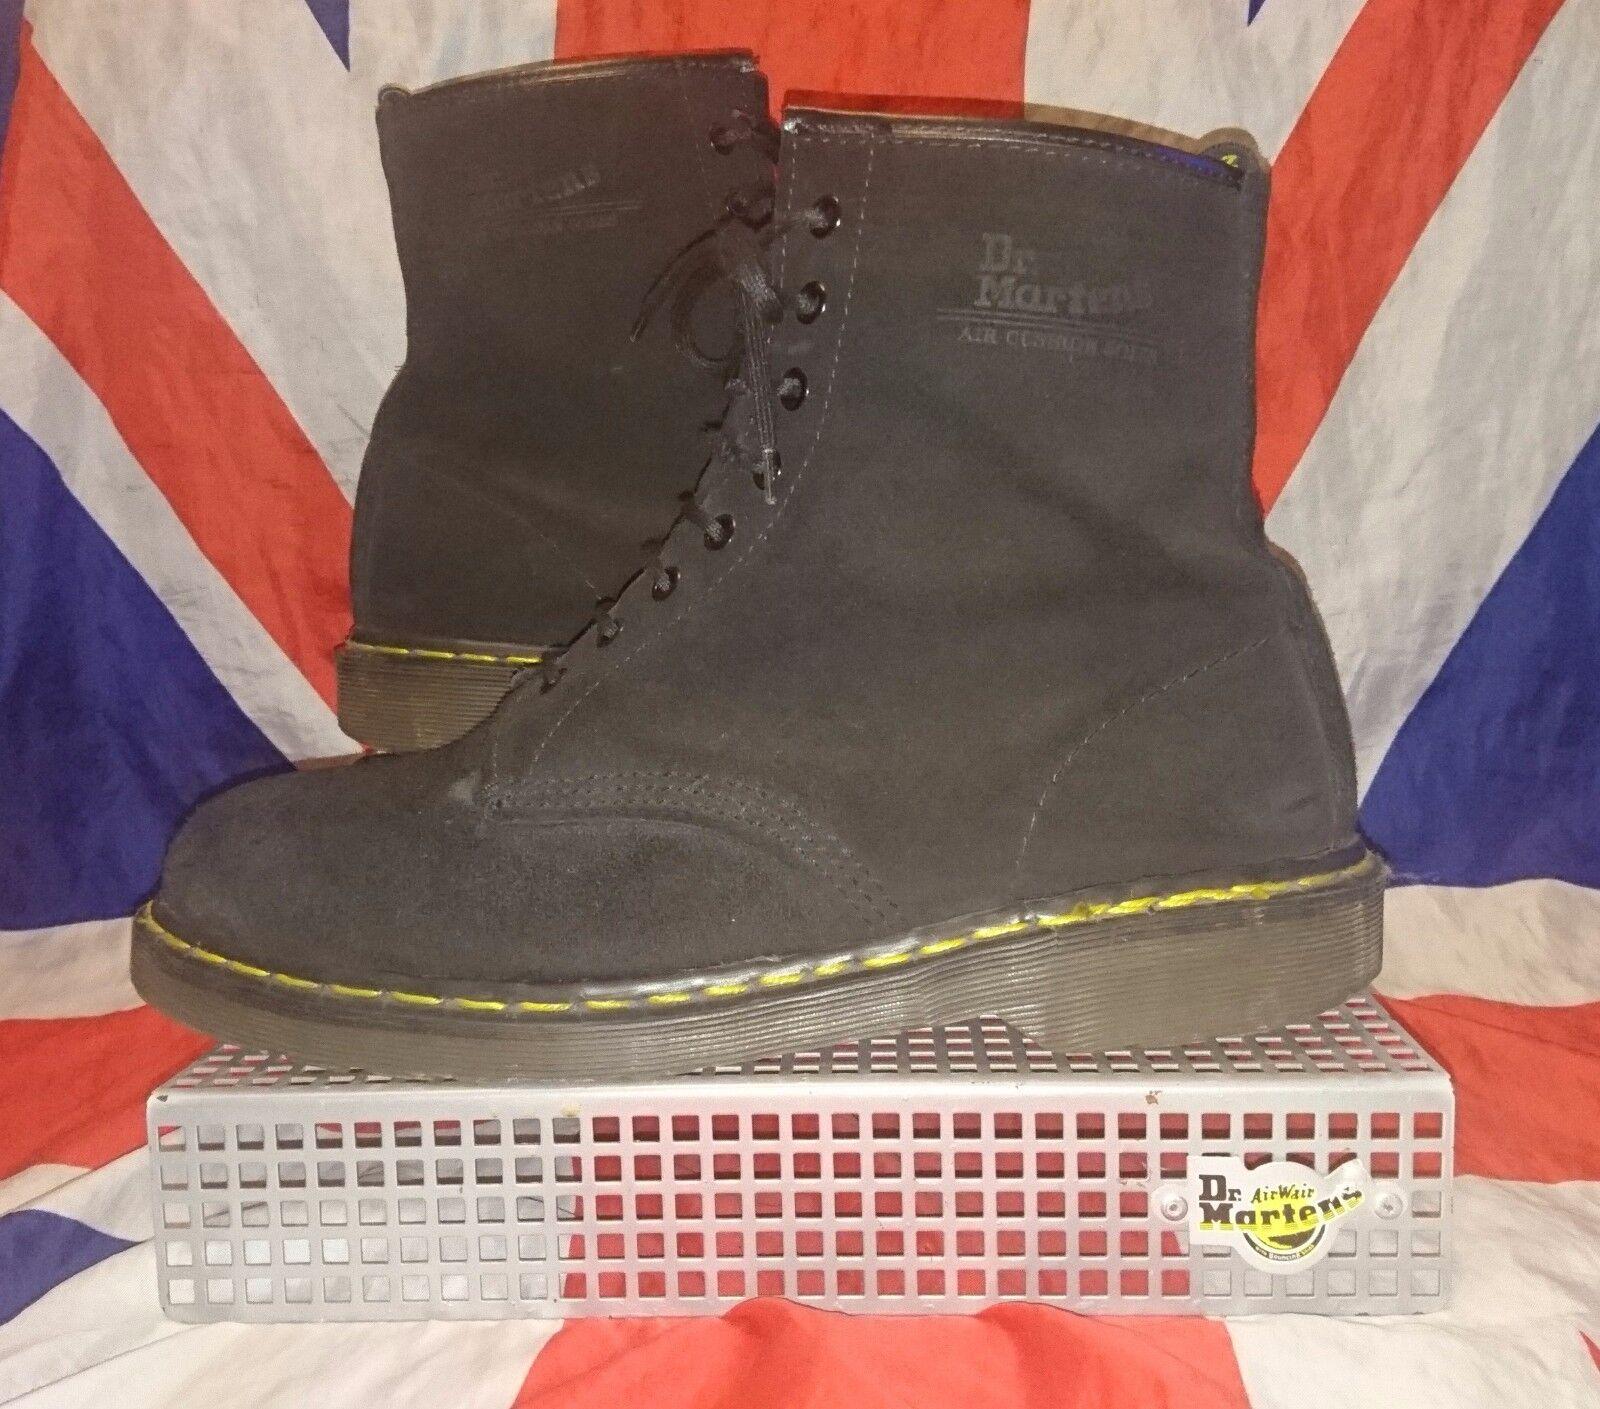 RARE Doc England Vintage 1460*Black Suede Dr Doc RARE Martens*8 Eye*Skinhead Punk Goth*11 461f82